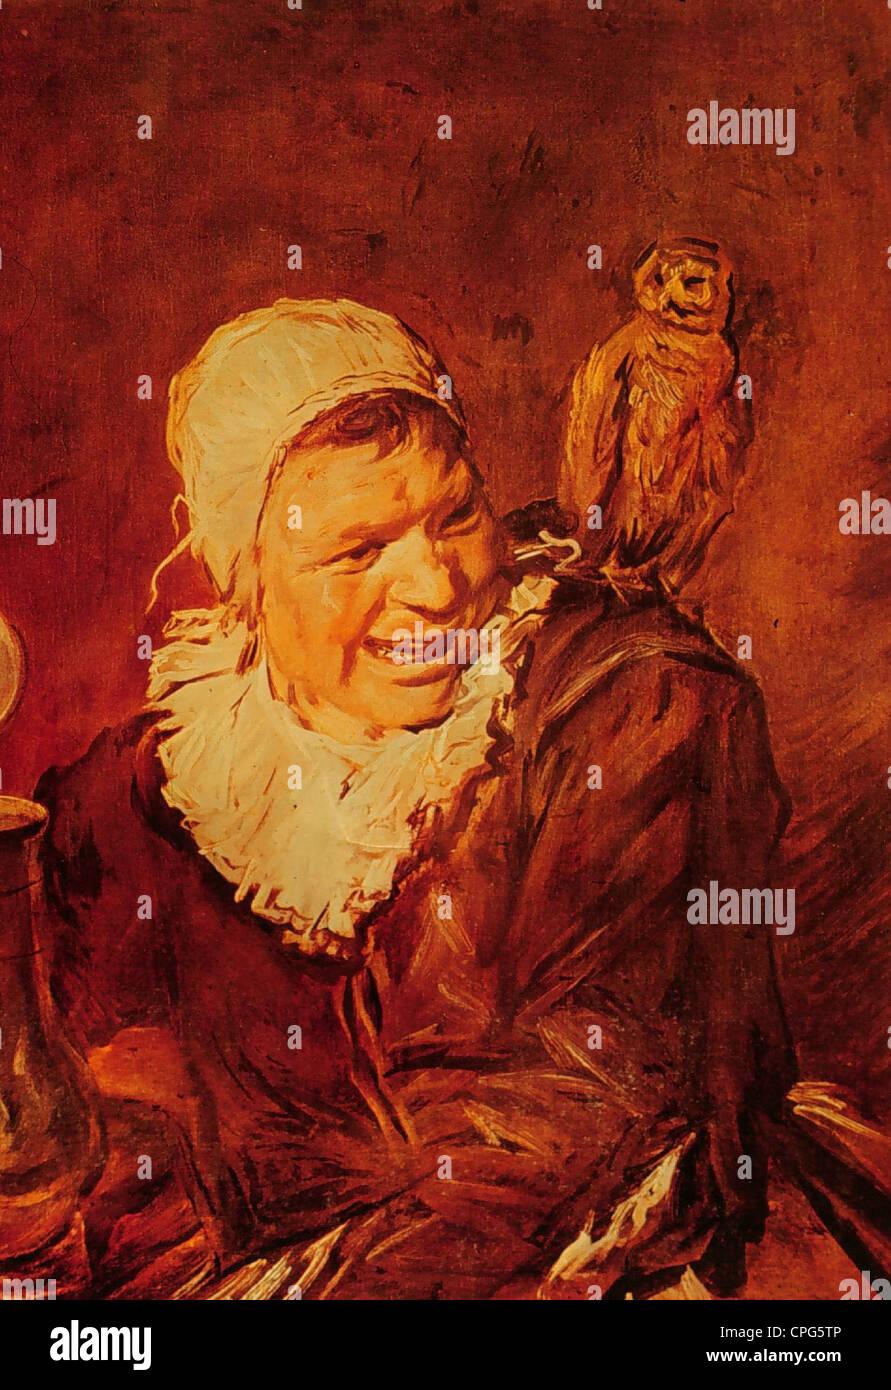 Le streghe, meteo strega, dipinto di Frans Hals, del XVII secolo, la storica, storica, il gufo sulla spalla, bird, Immagini Stock